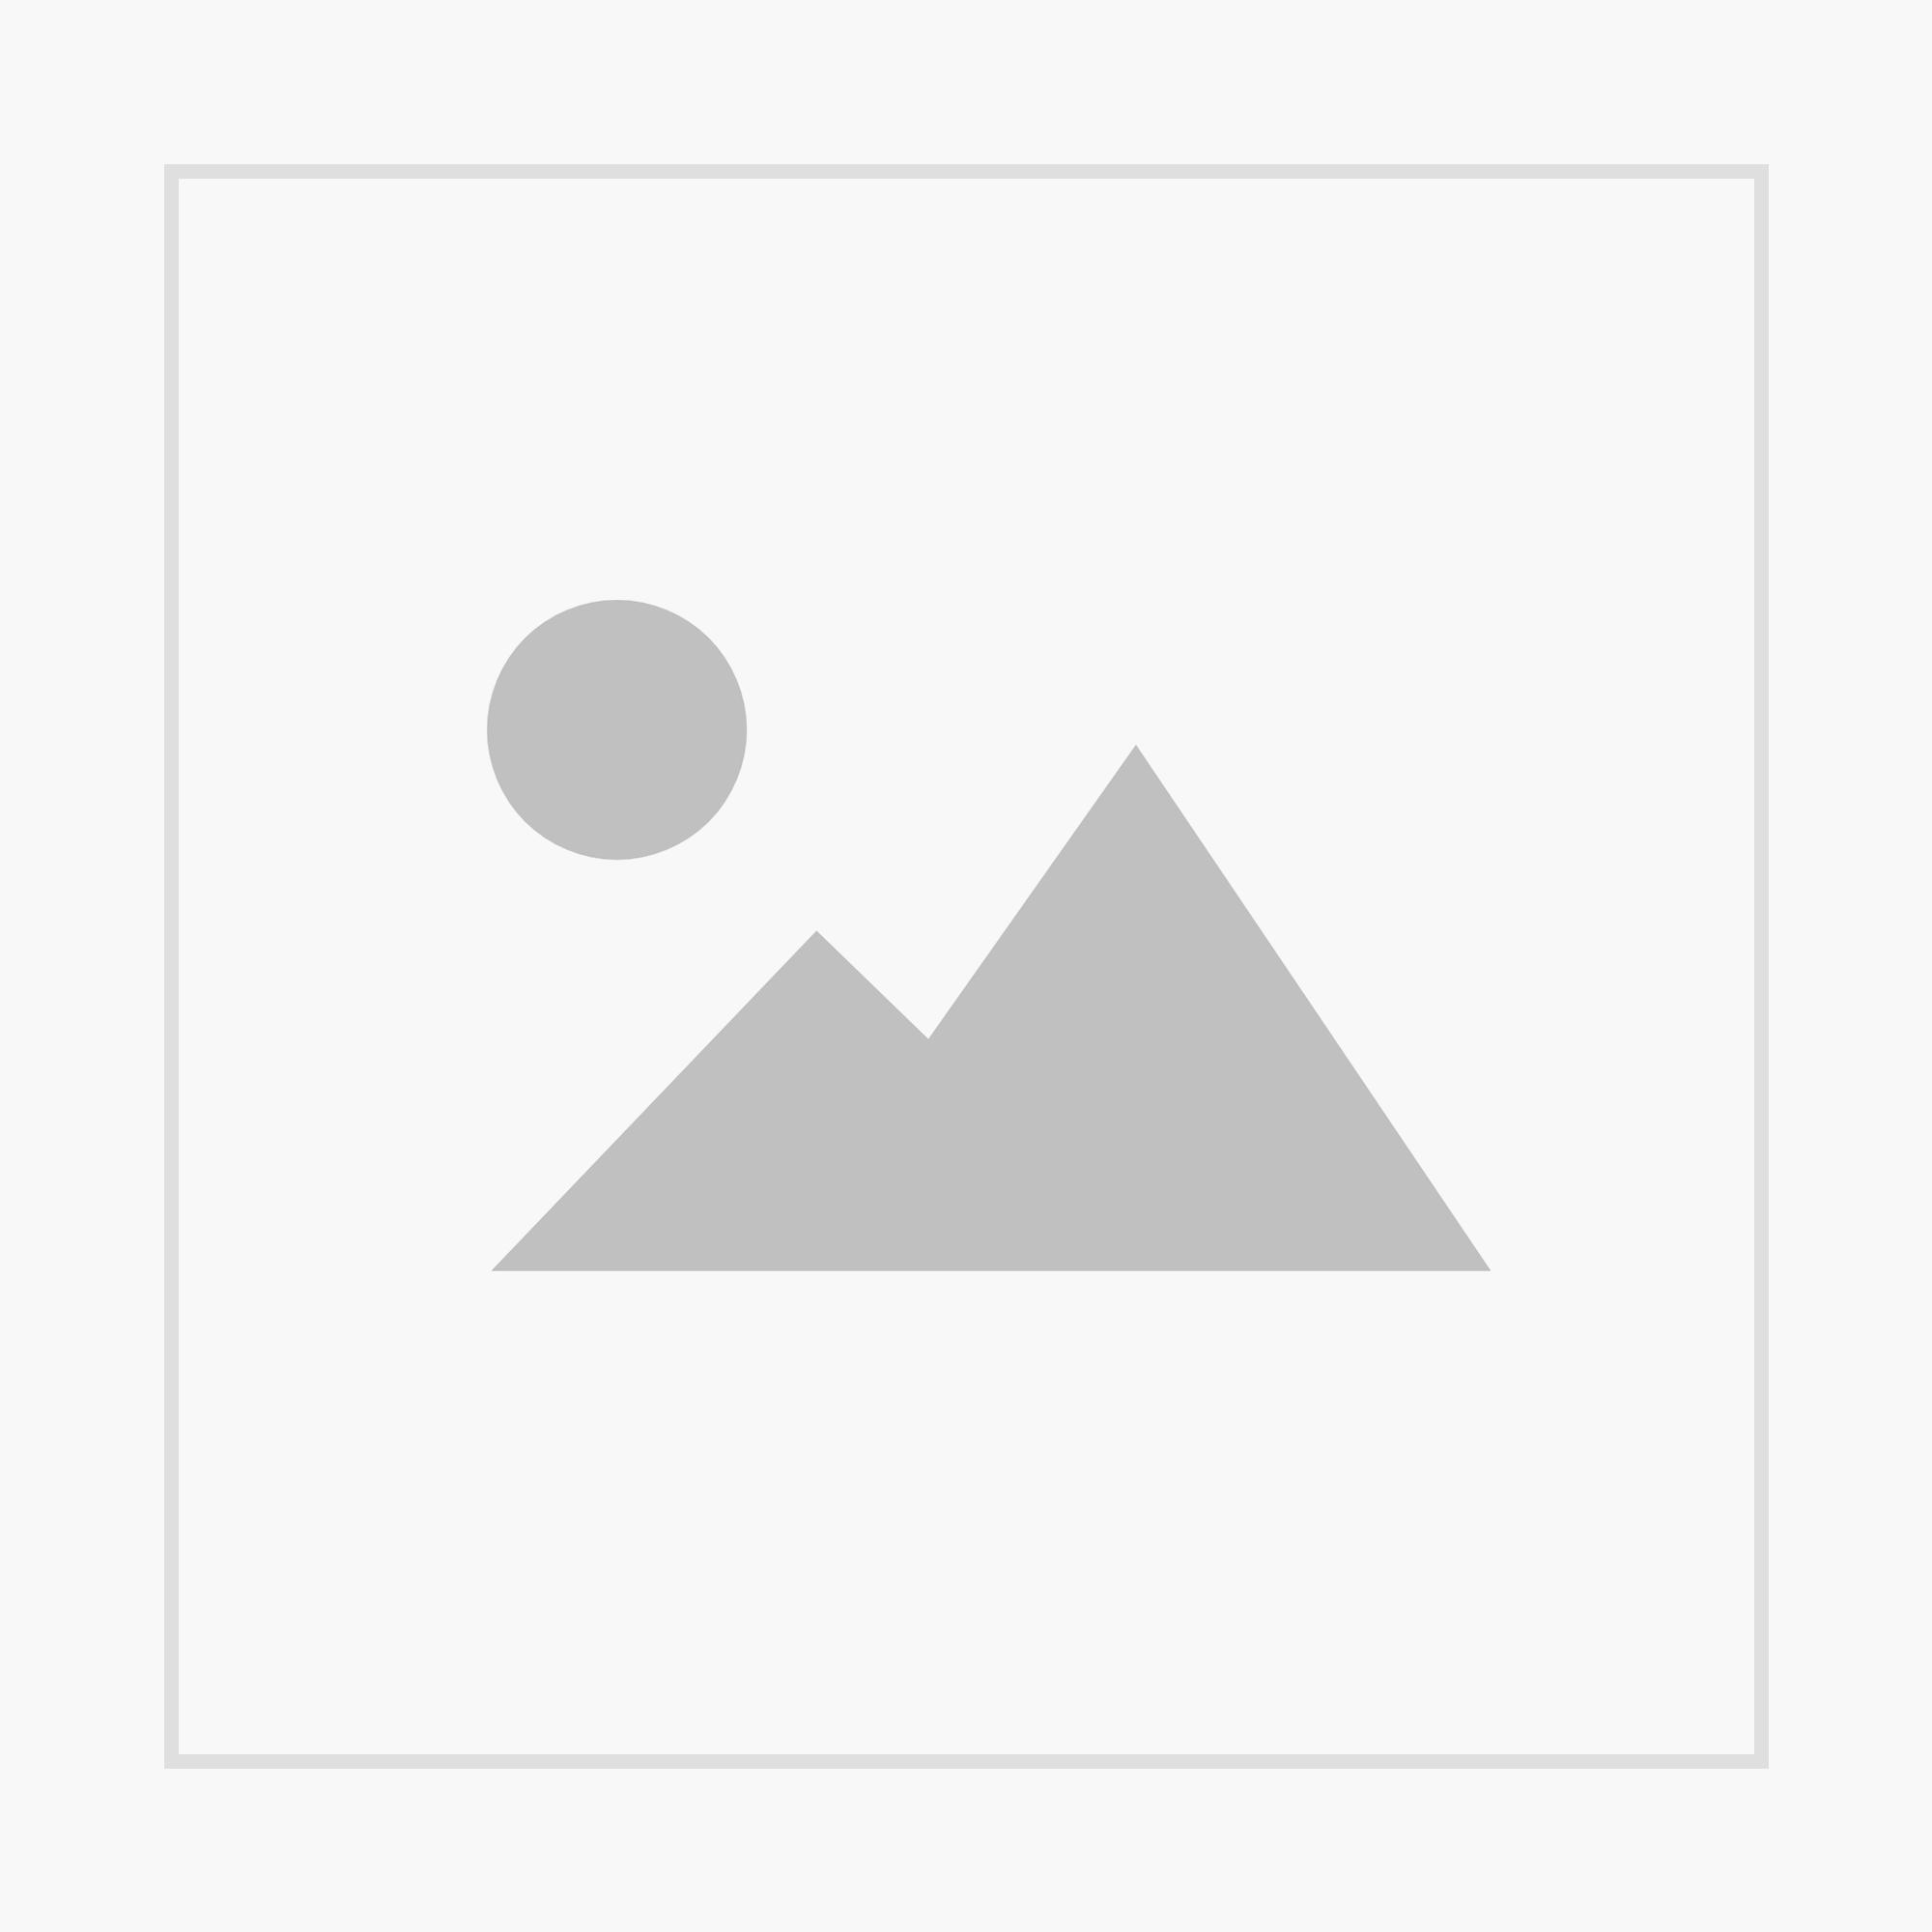 EPUB: Erdbeer-Manufaktur